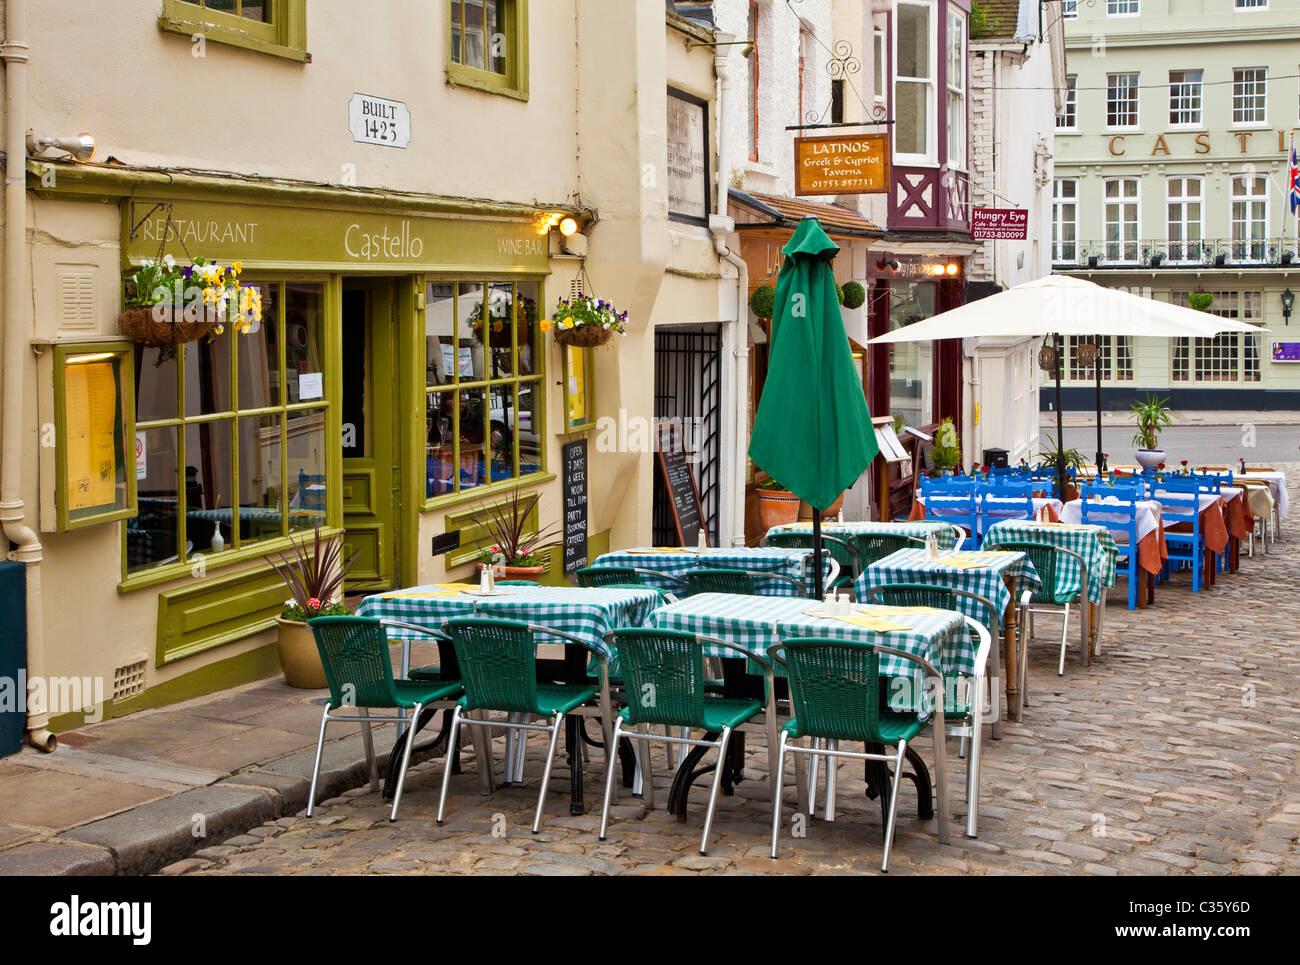 Tische und Stühle im Freien eine Wein-Bar und ein Restaurant in der Church Lane, ein kleinen gepflasterten Straße in Windsor, Berkshire, England, UK Stockfoto